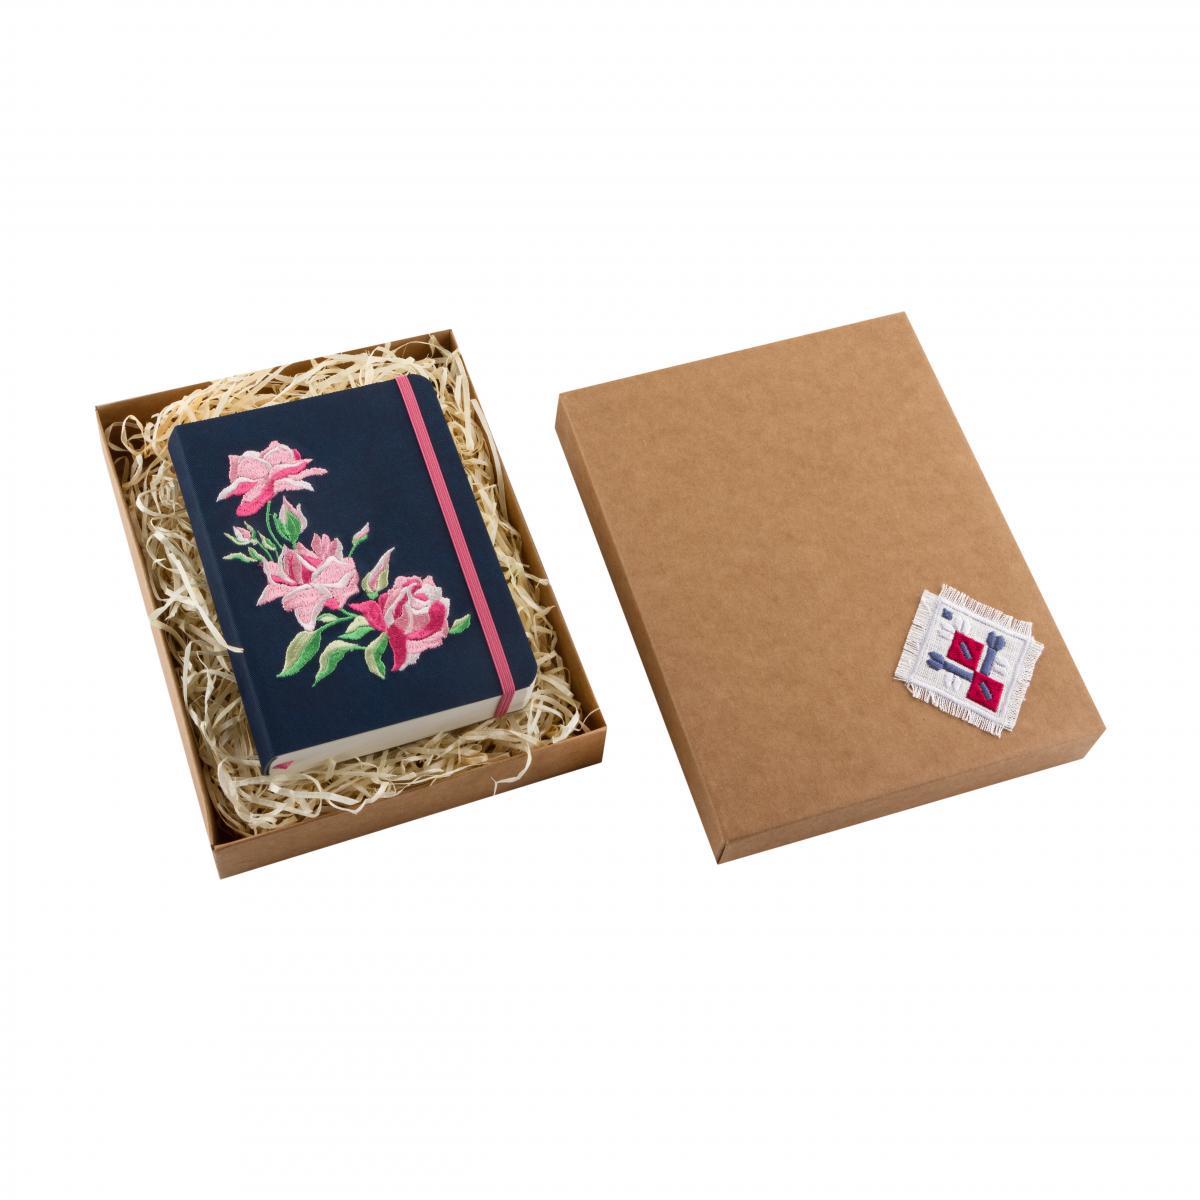 Блокнот из эко-кожи с вышивкой Розы, синый. Фото №3. | Народный дом Украина